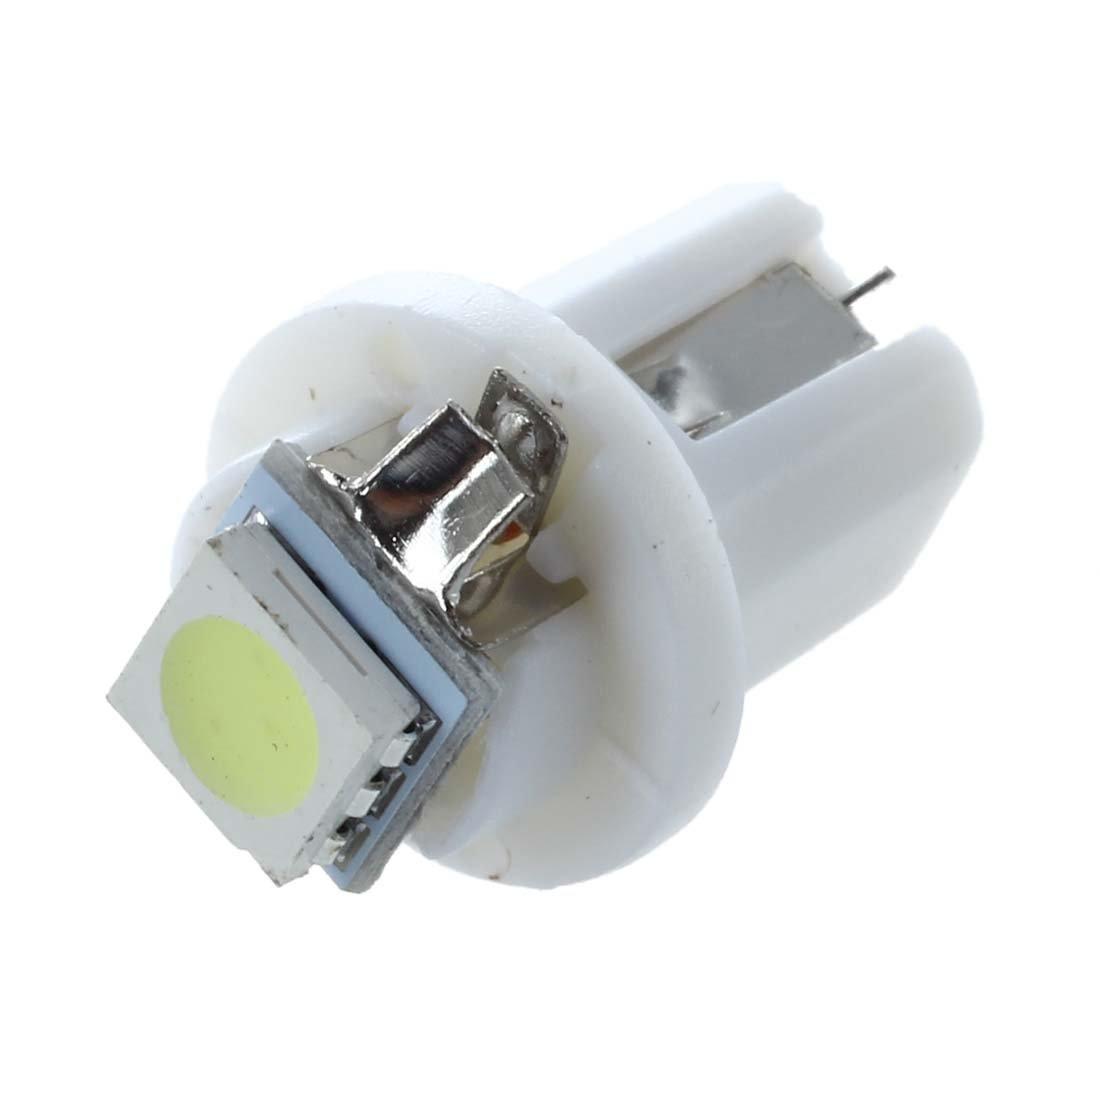 LED lampara del coche - SODIAL(R) 10 pzs T5/B8.5D 5050 SMD LED enchufe Iluminacion Interior tacometro Blanco